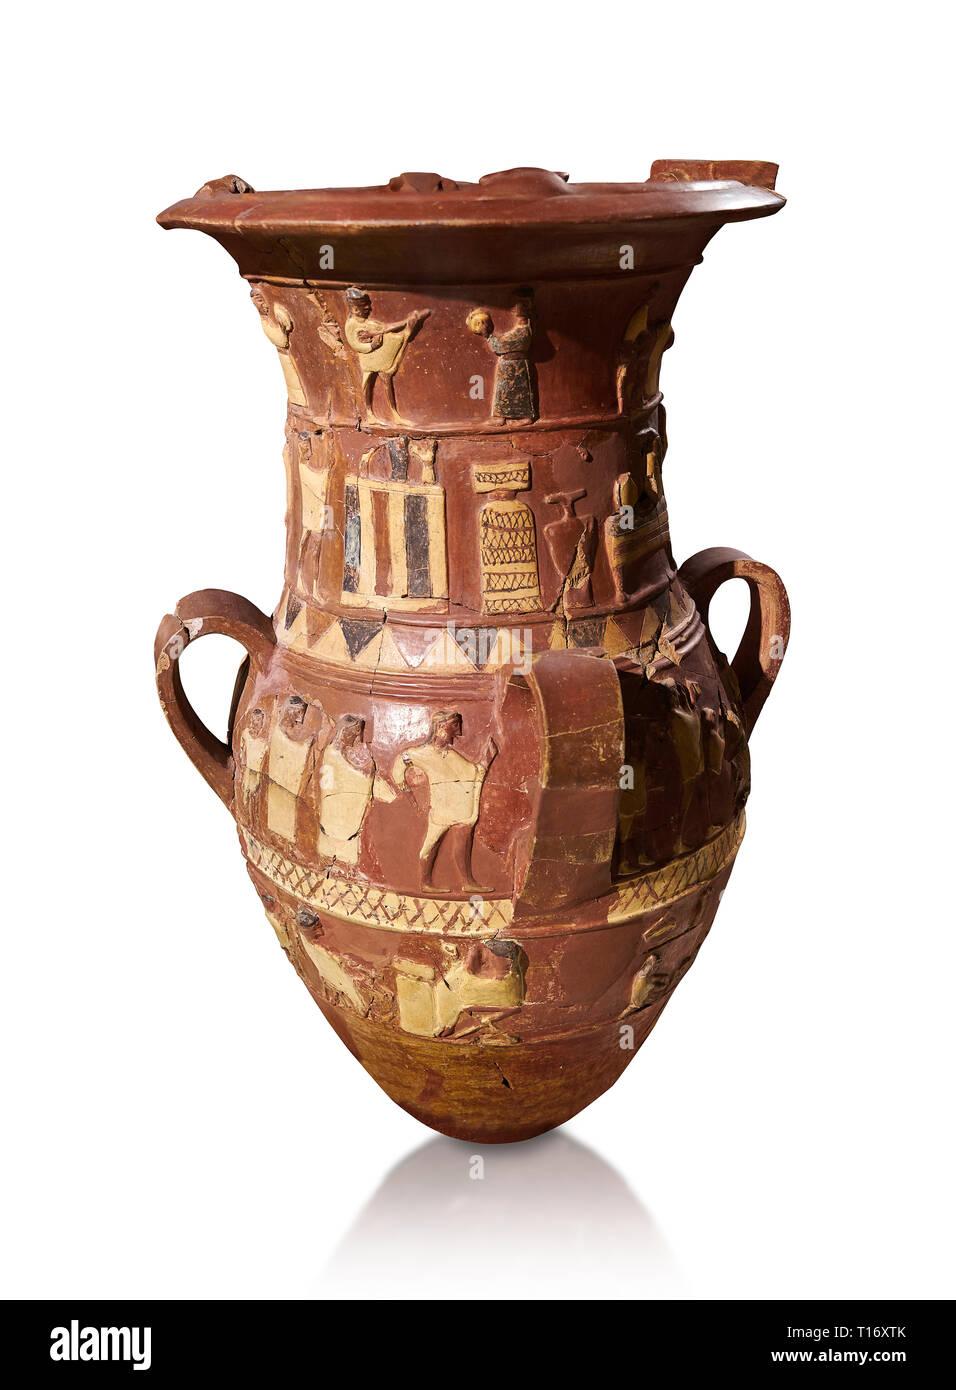 Socorro hitita Inandik decorado libación culto jarrón con cuatro frisos con figuras decorativas en forma de crema, de color rojo y negro. El procesional Foto de stock